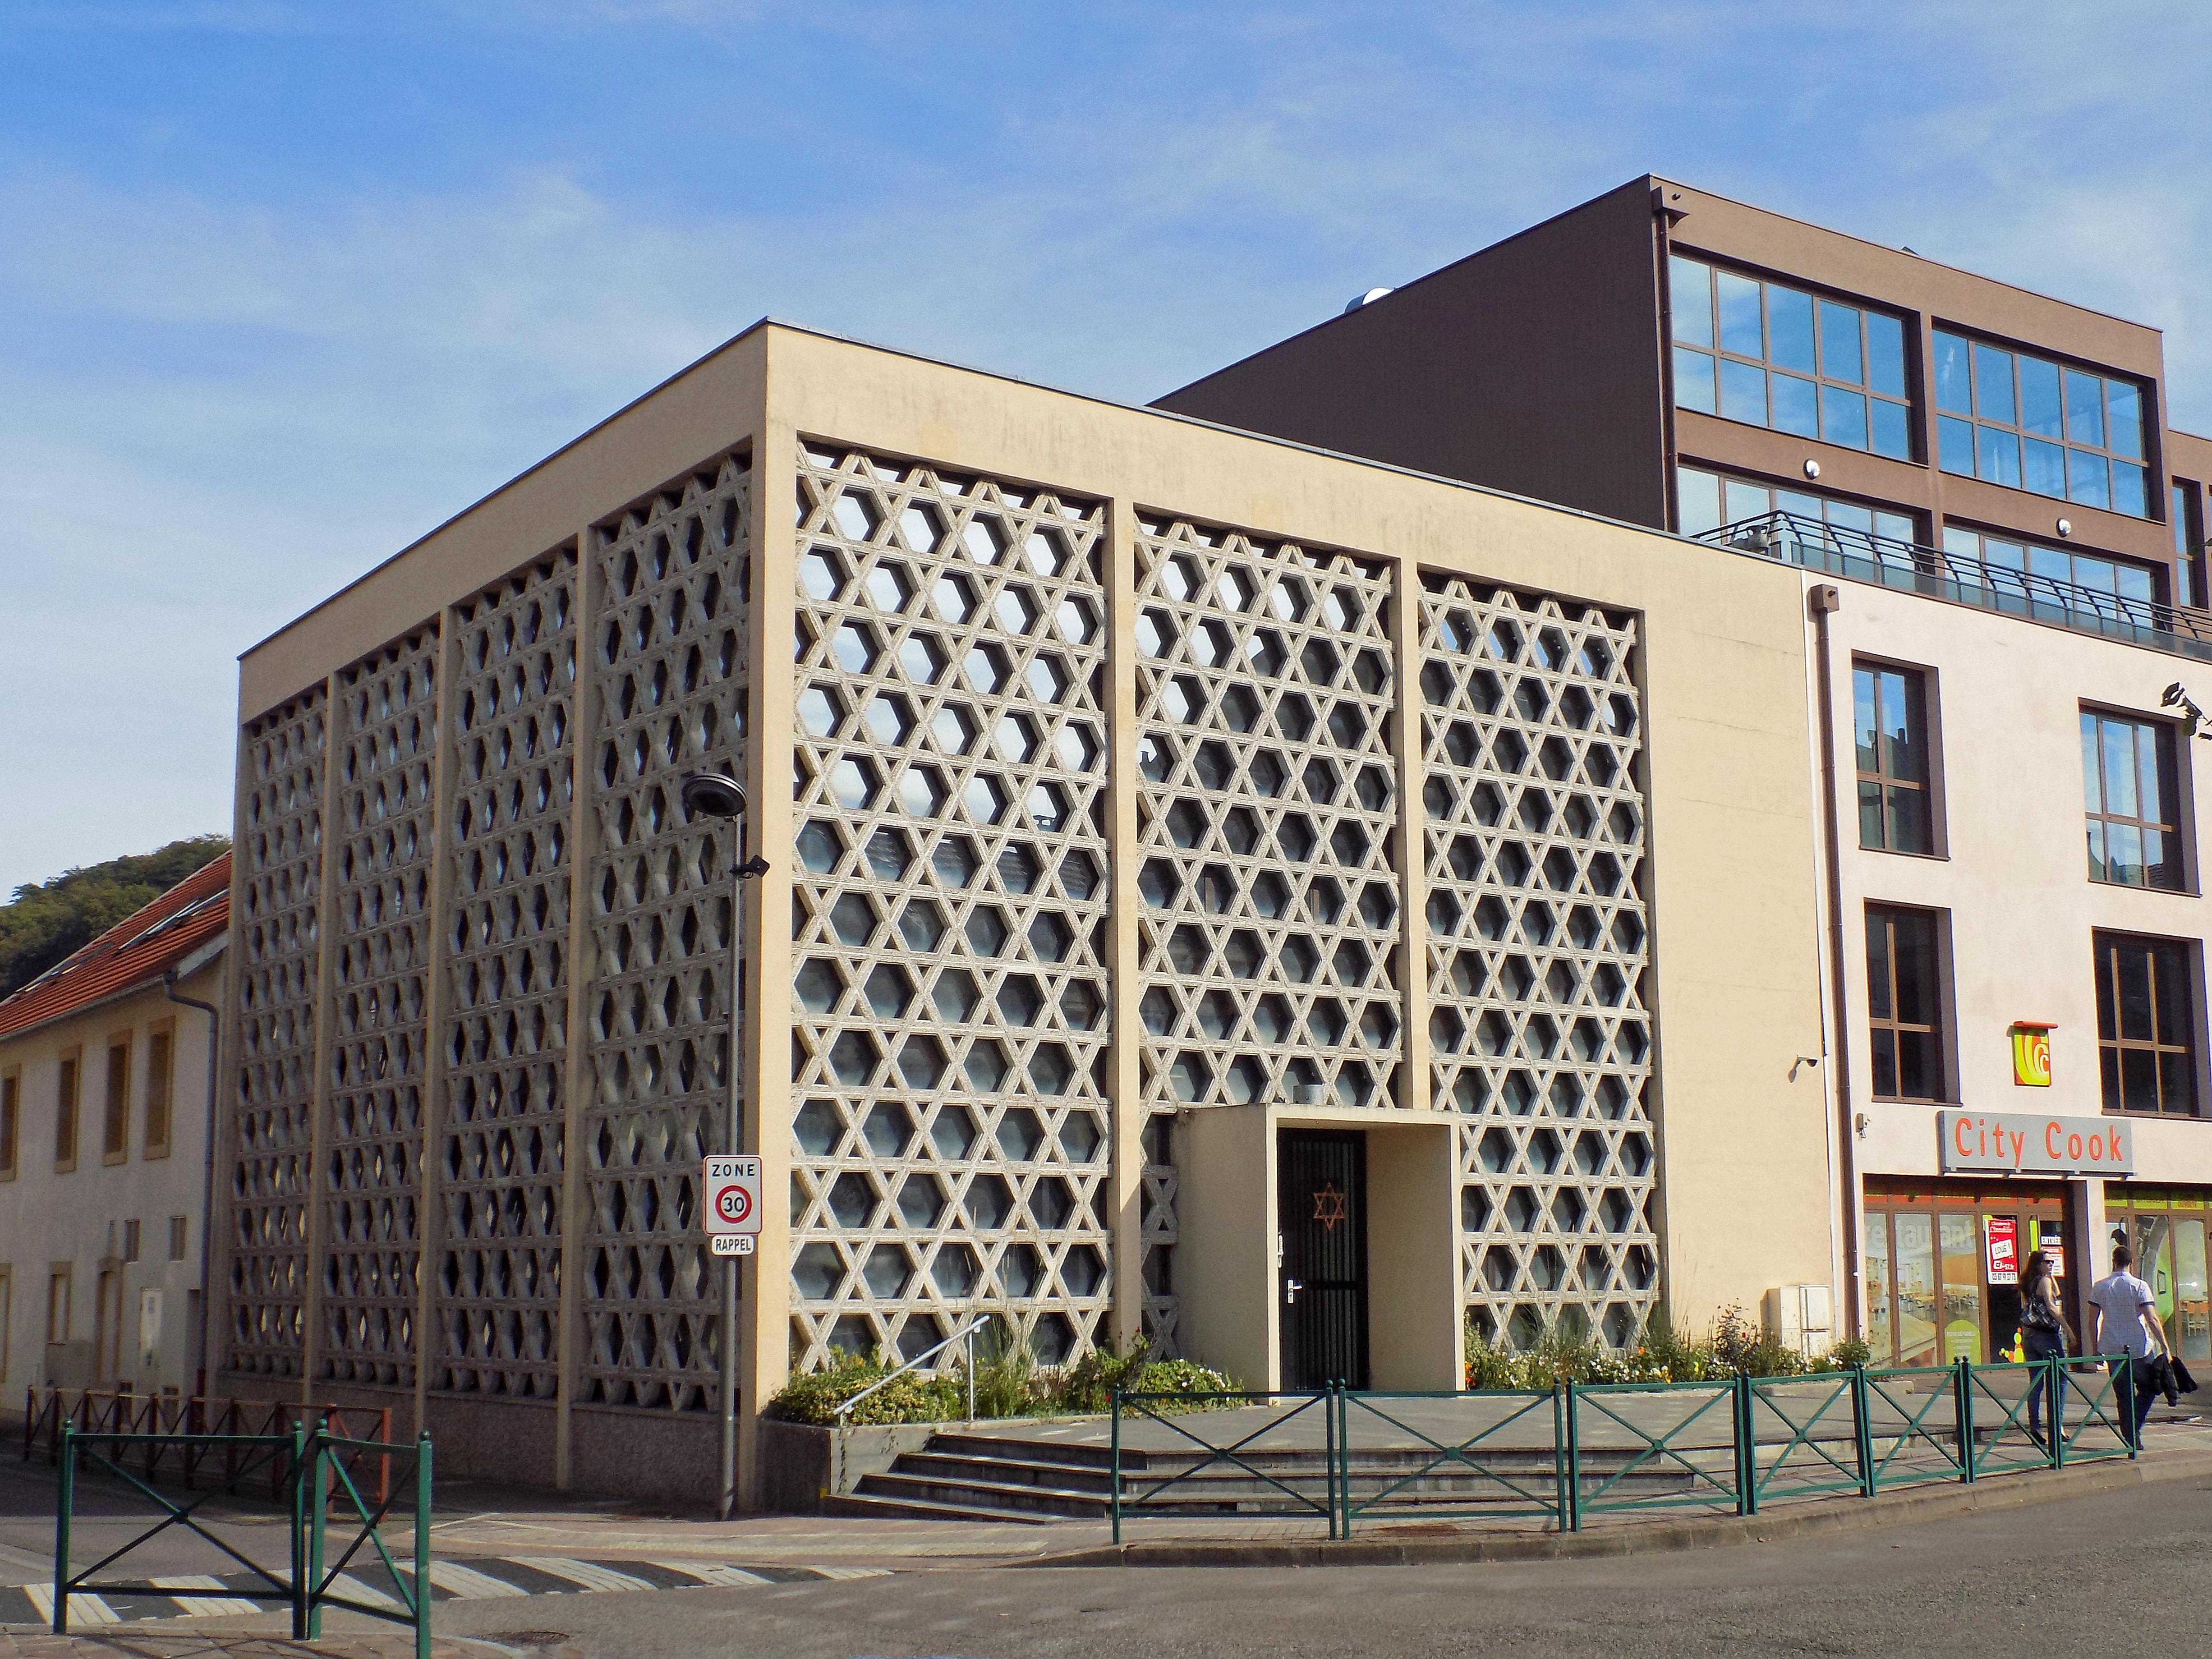 fichier:la synagogue de saint-avold — wikipédia